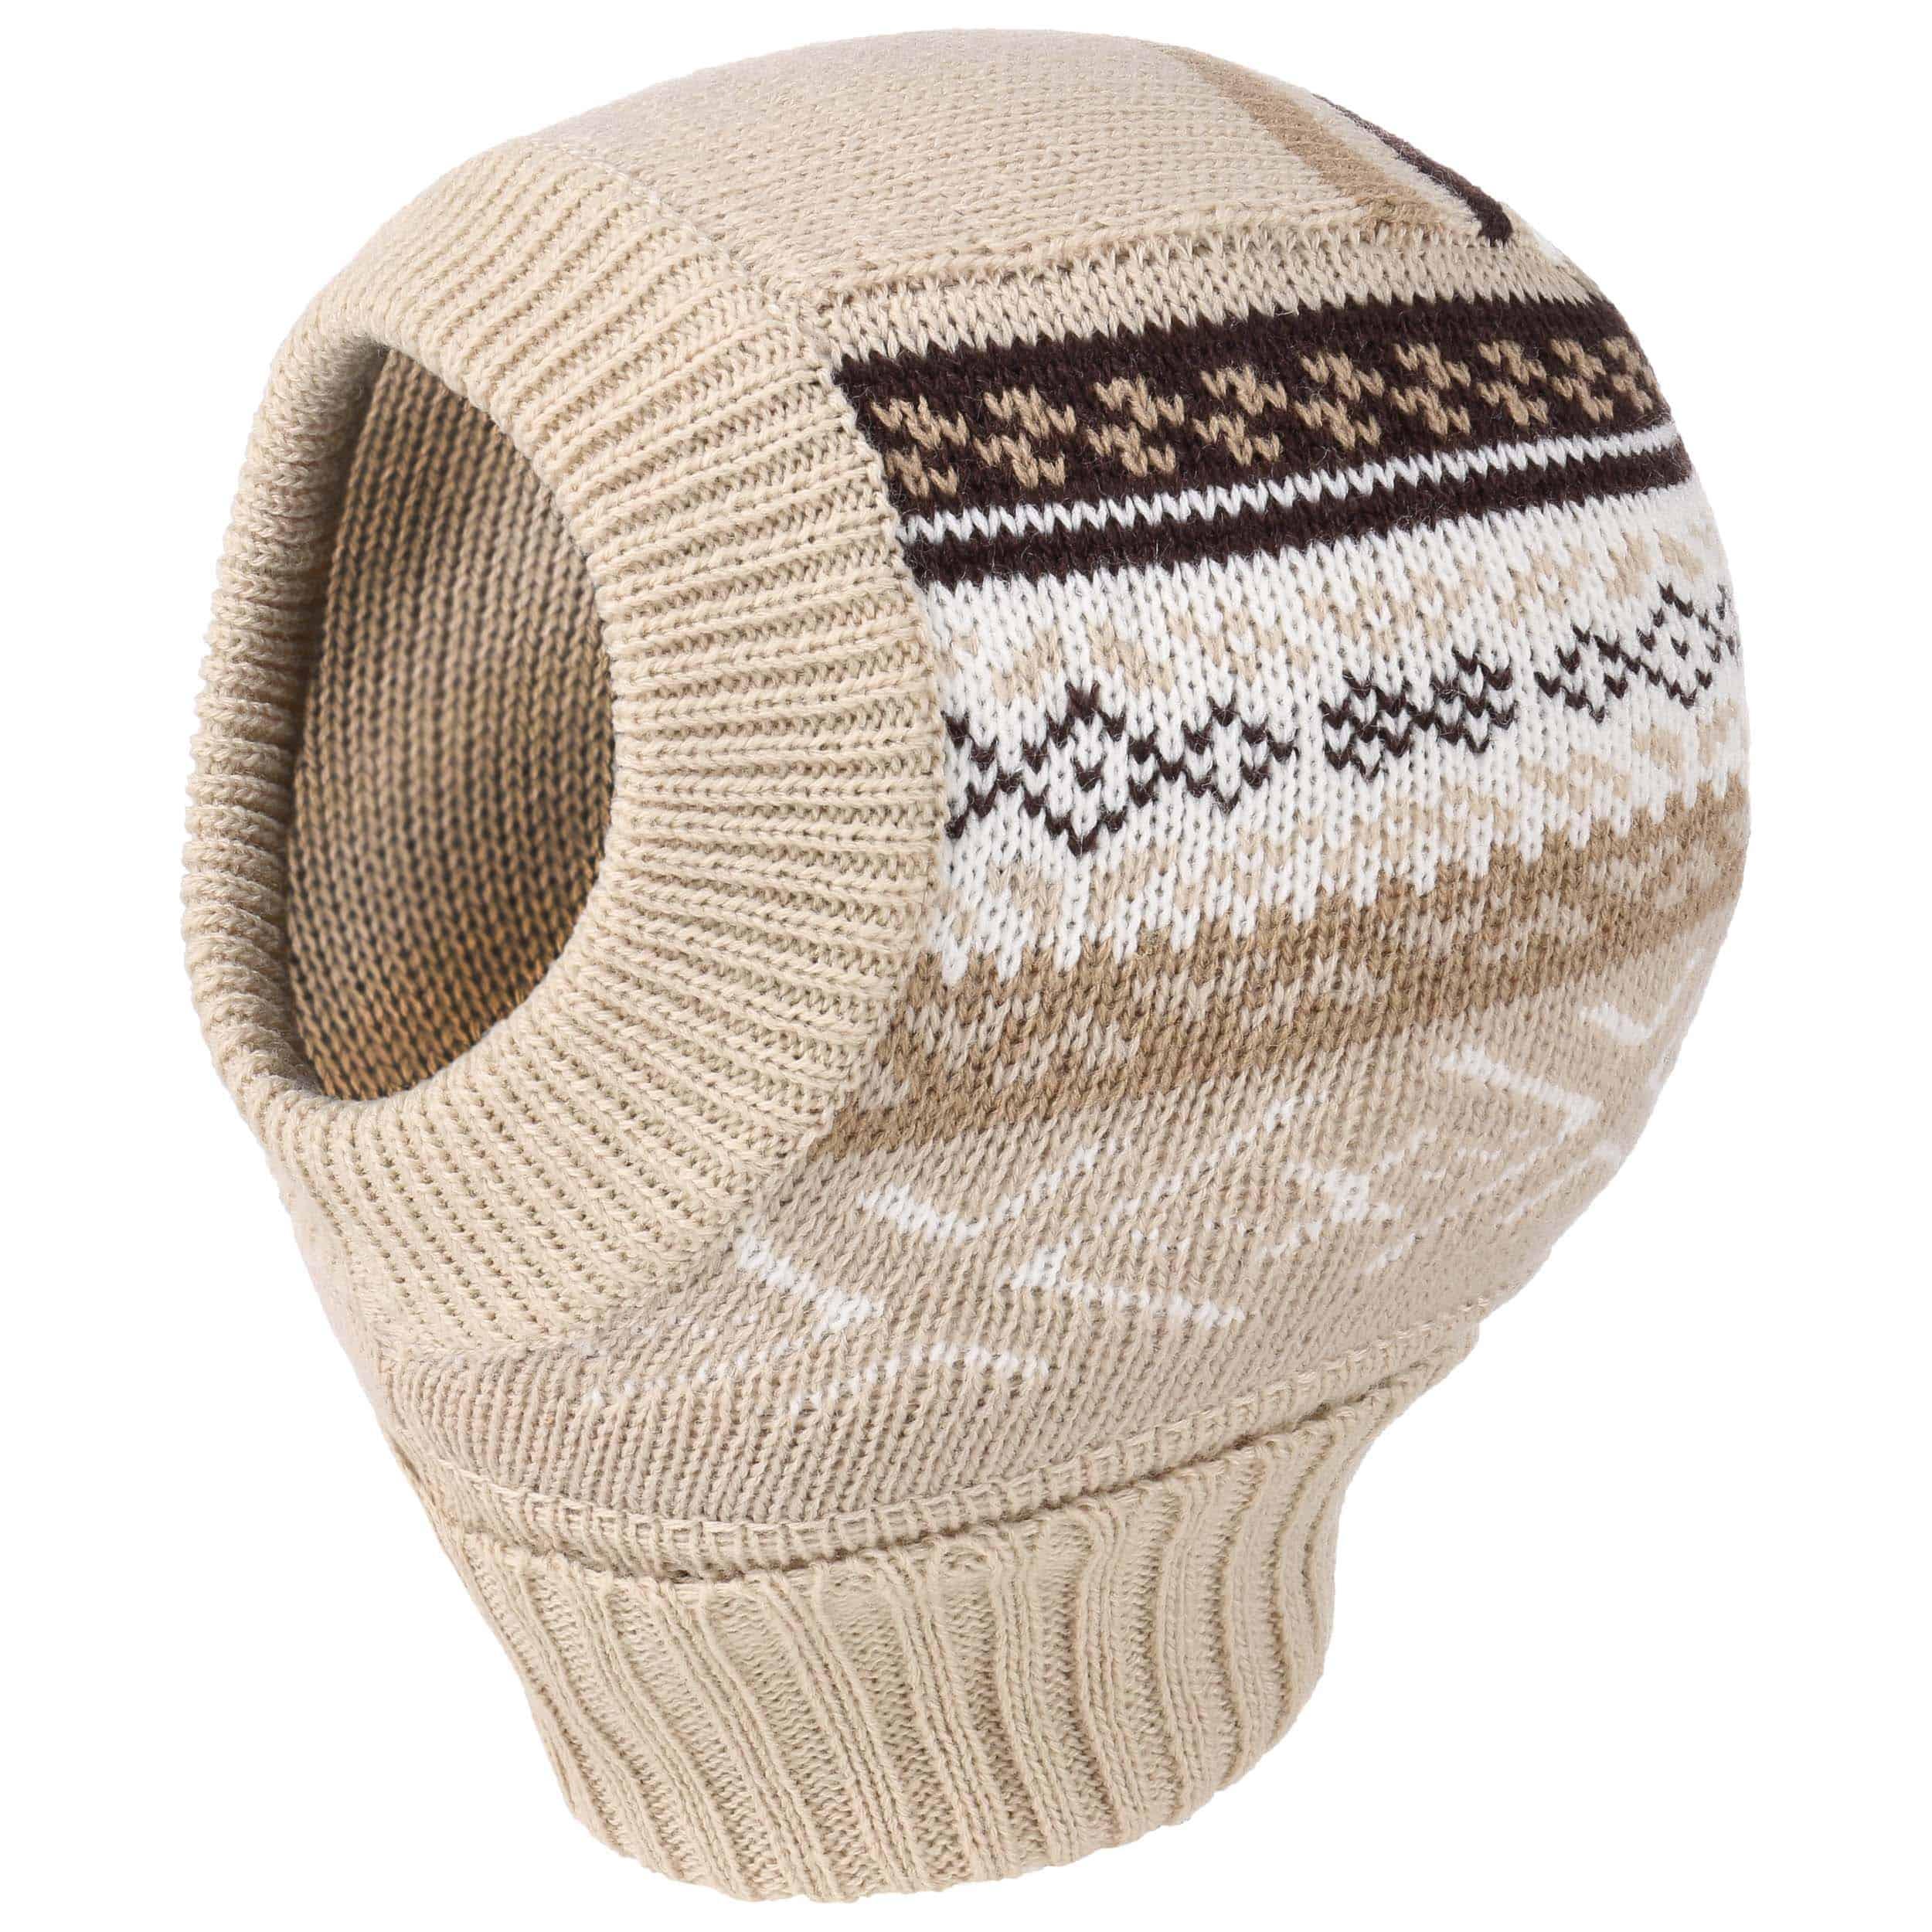 Chapeaushop Bonnet Wind Enfant Beanie en Tricot cadeau de Noël ead8b9aa686